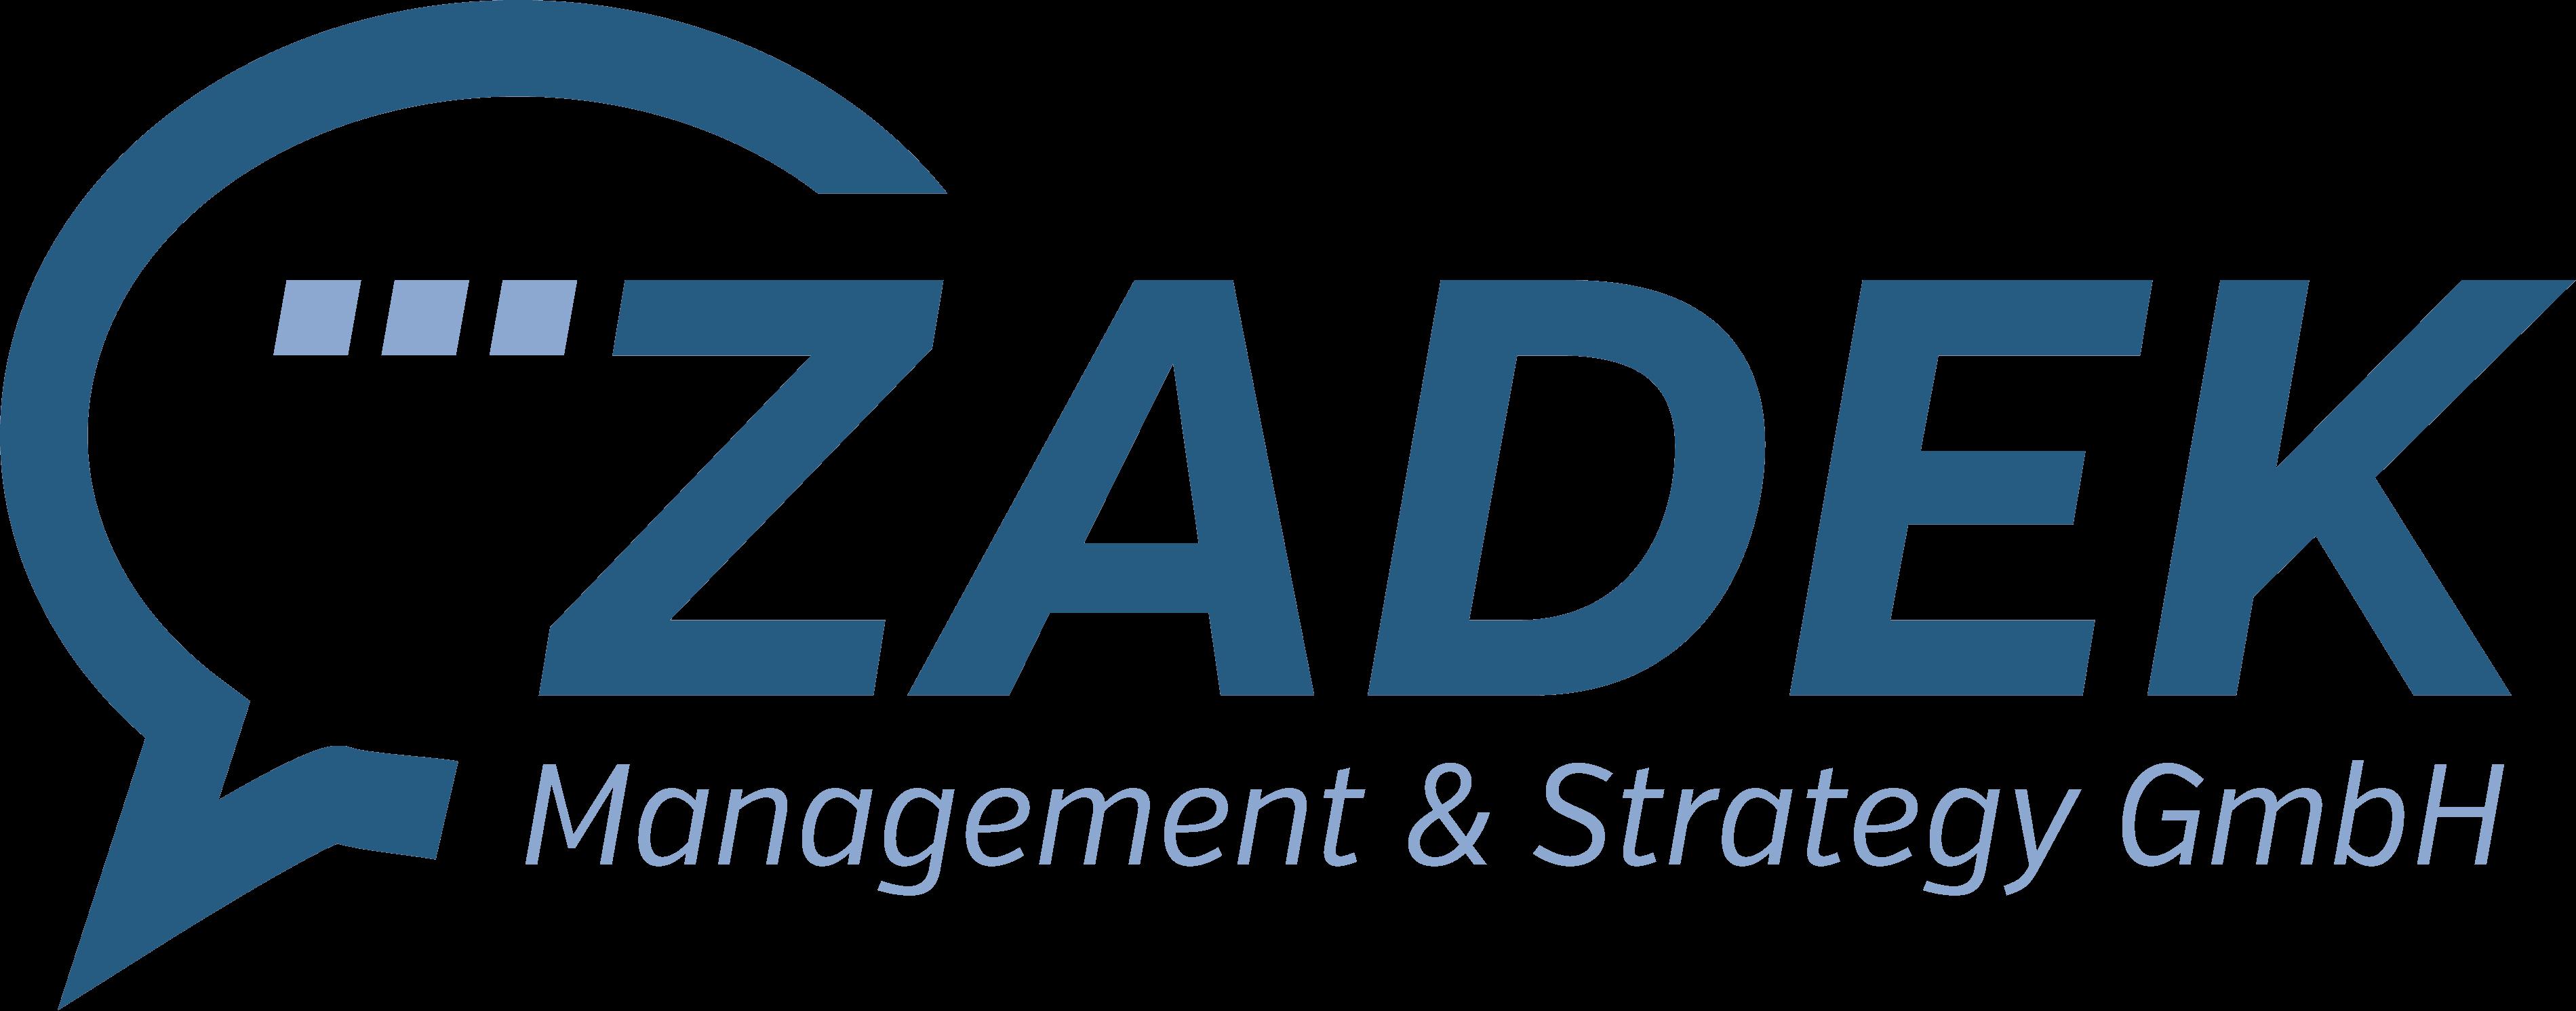 Zadek GmbH